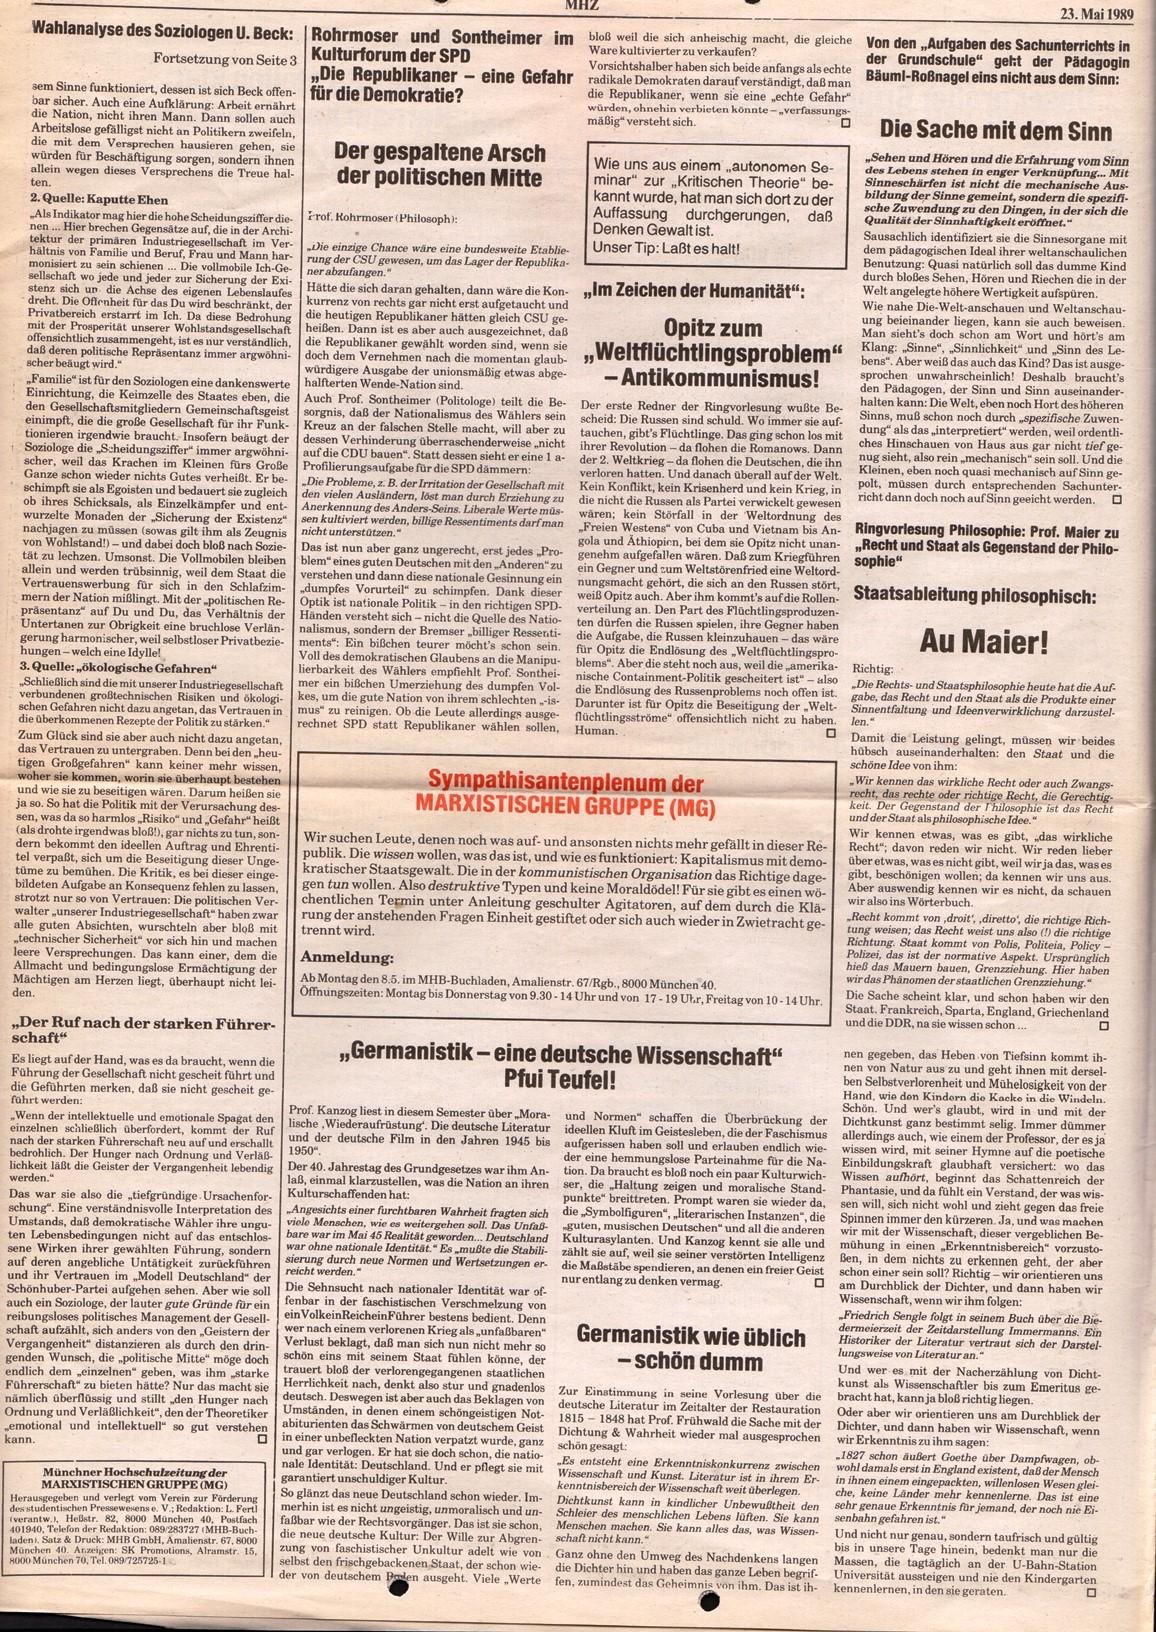 Muenchen_MG_Hochschulzeitung_19890523_04